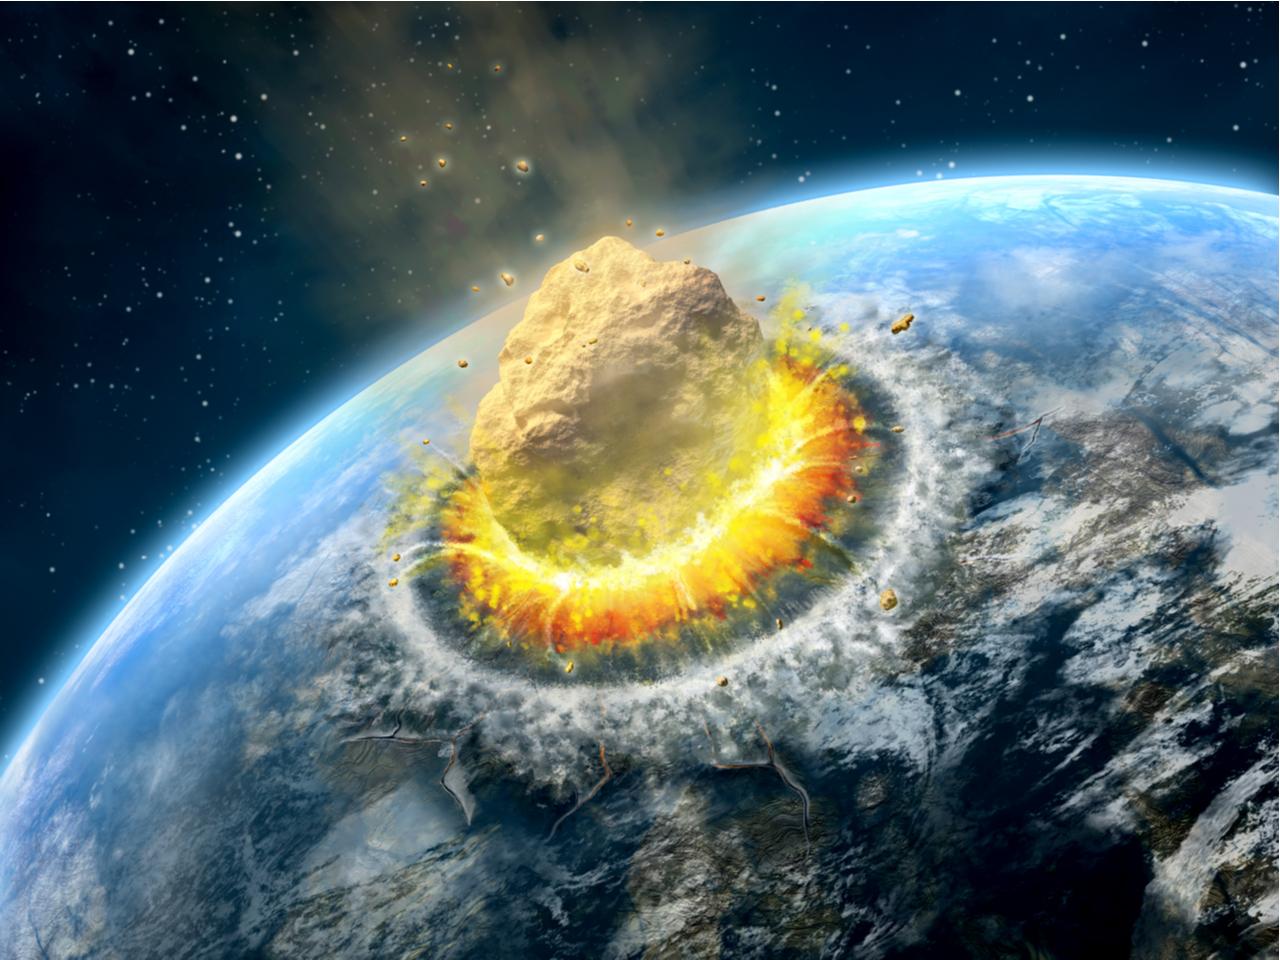 Los Dinosaurios Y El Crater De Chicxulub La principal es que desaparecieron por la caída de un meteorito de 15 kilómetros de largo en chibxulub, península de yucatán. los dinosaurios y el crater de chicxulub